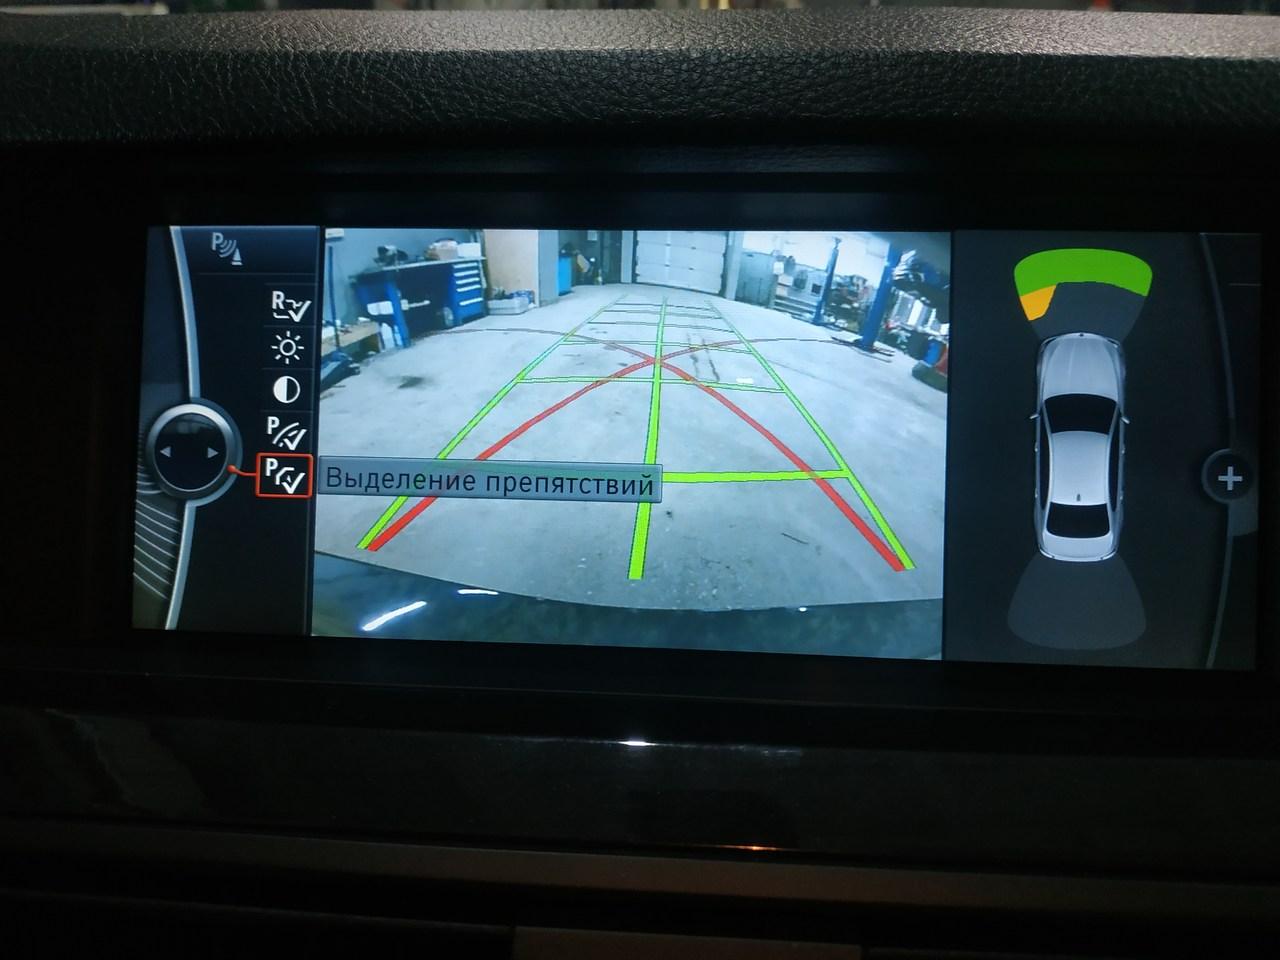 изображение с камеры заднего вида на головном устройстве, BMW F10